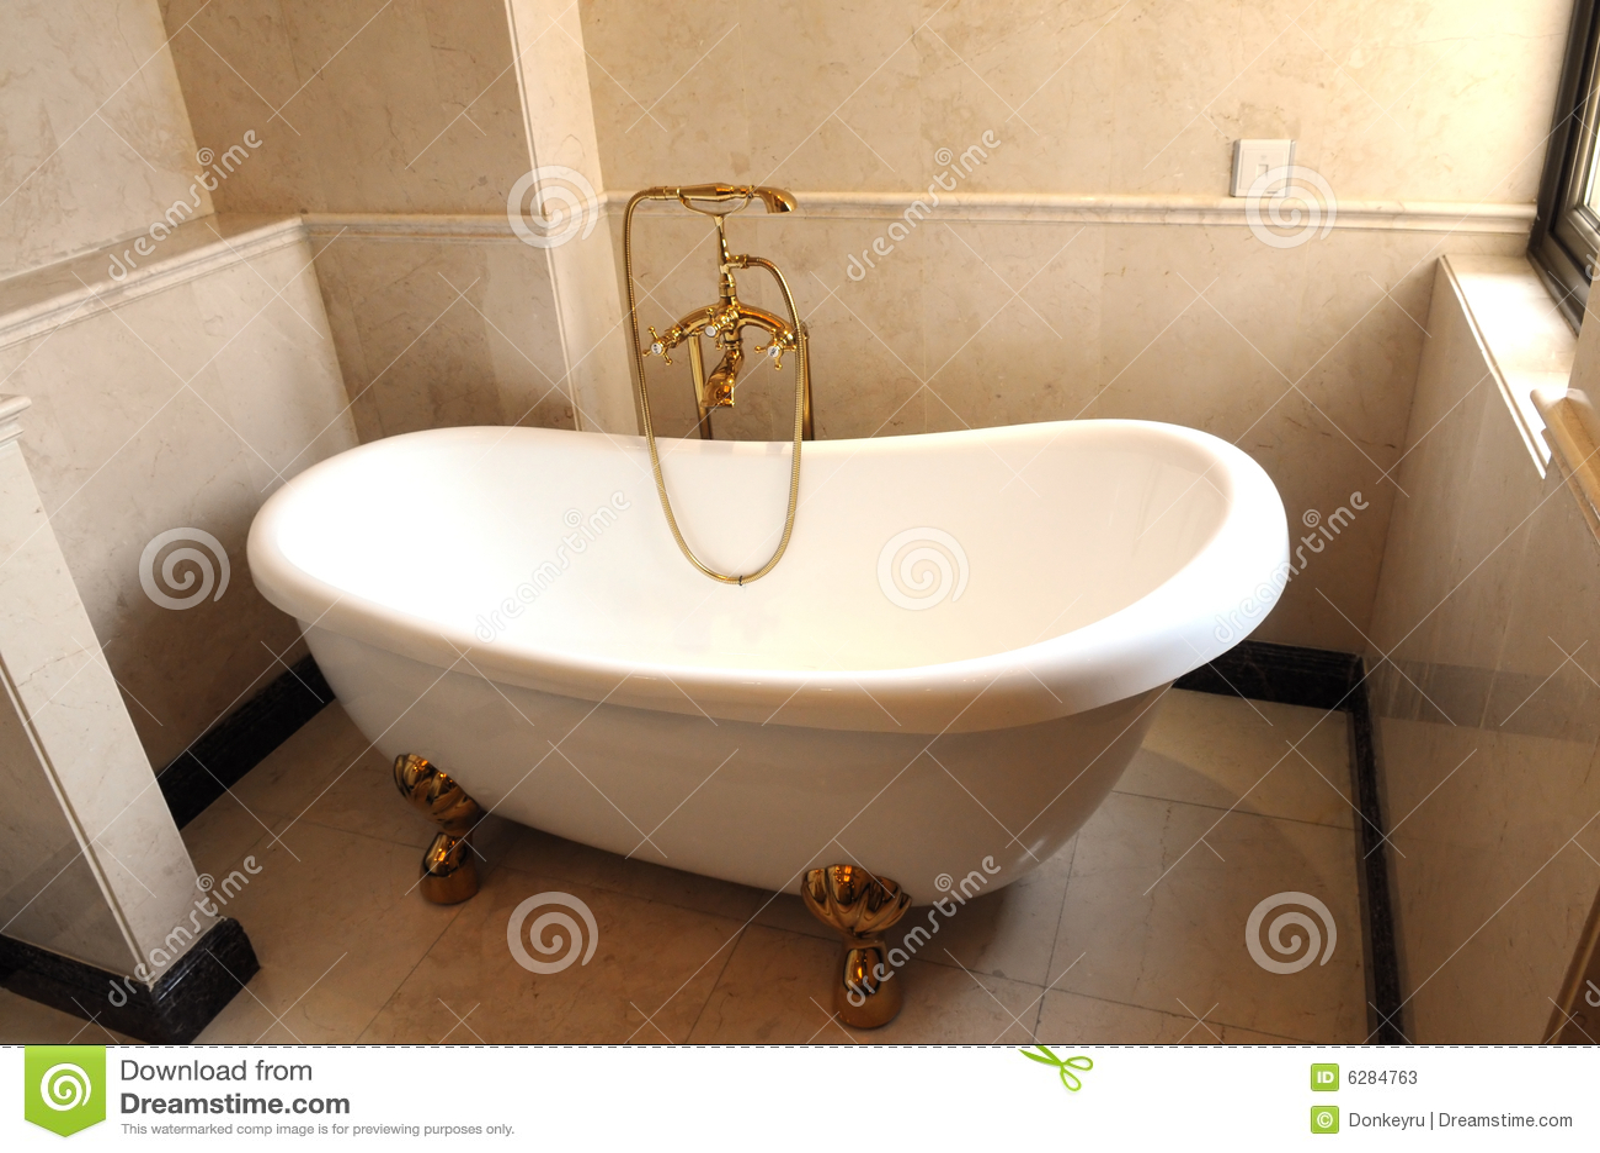 Tina de cer mica blanca en el cuarto de ba o imagen de for Ceramica para banos precios